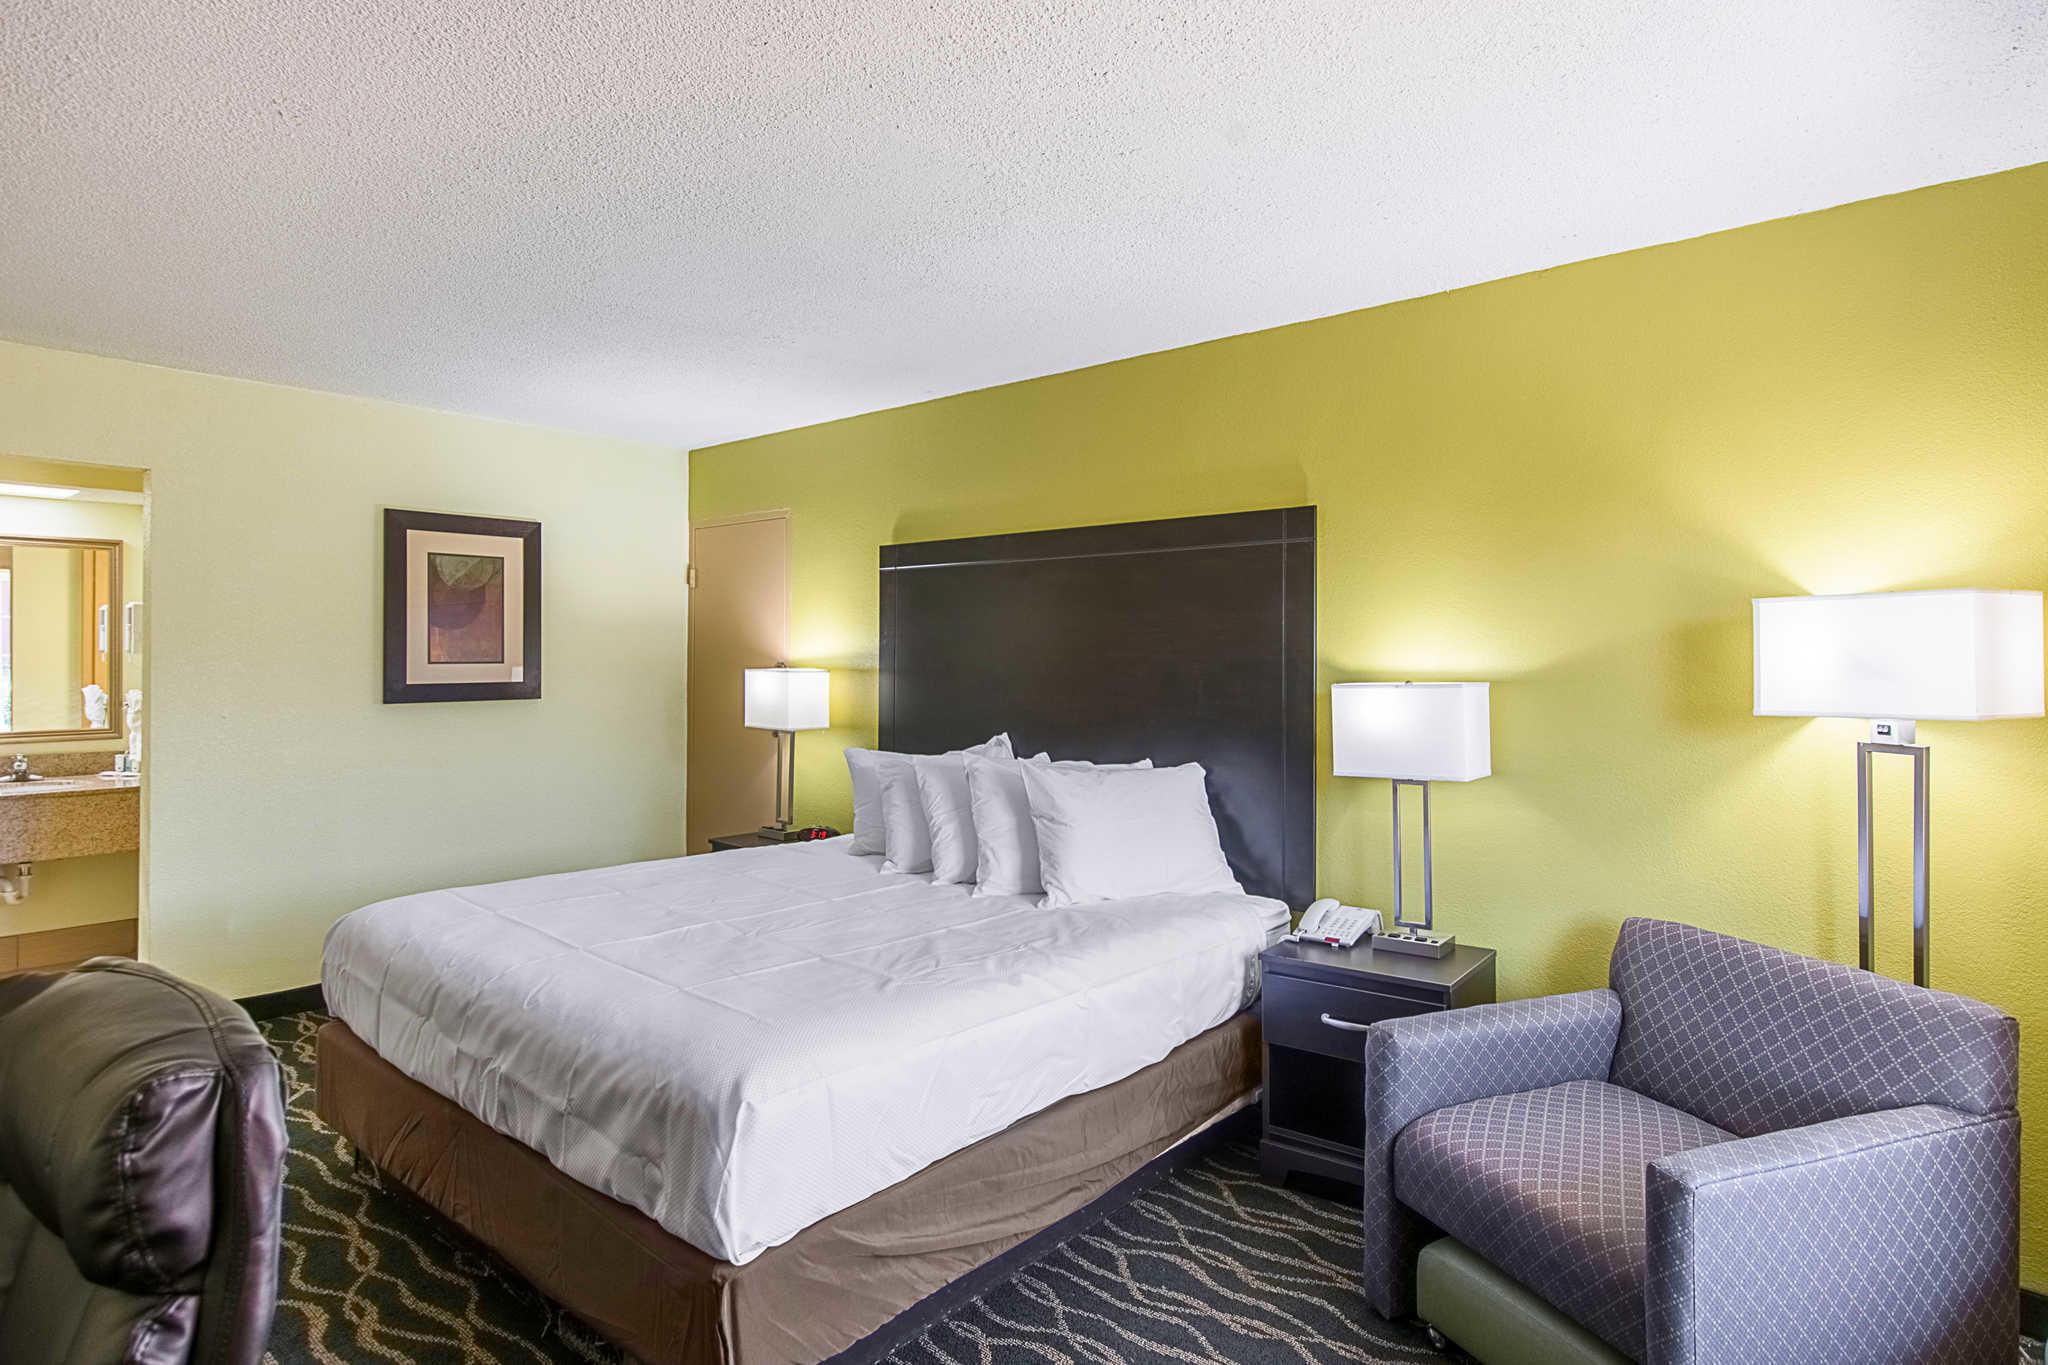 Top Hotels in Columbia | Marriott Columbia Hotels